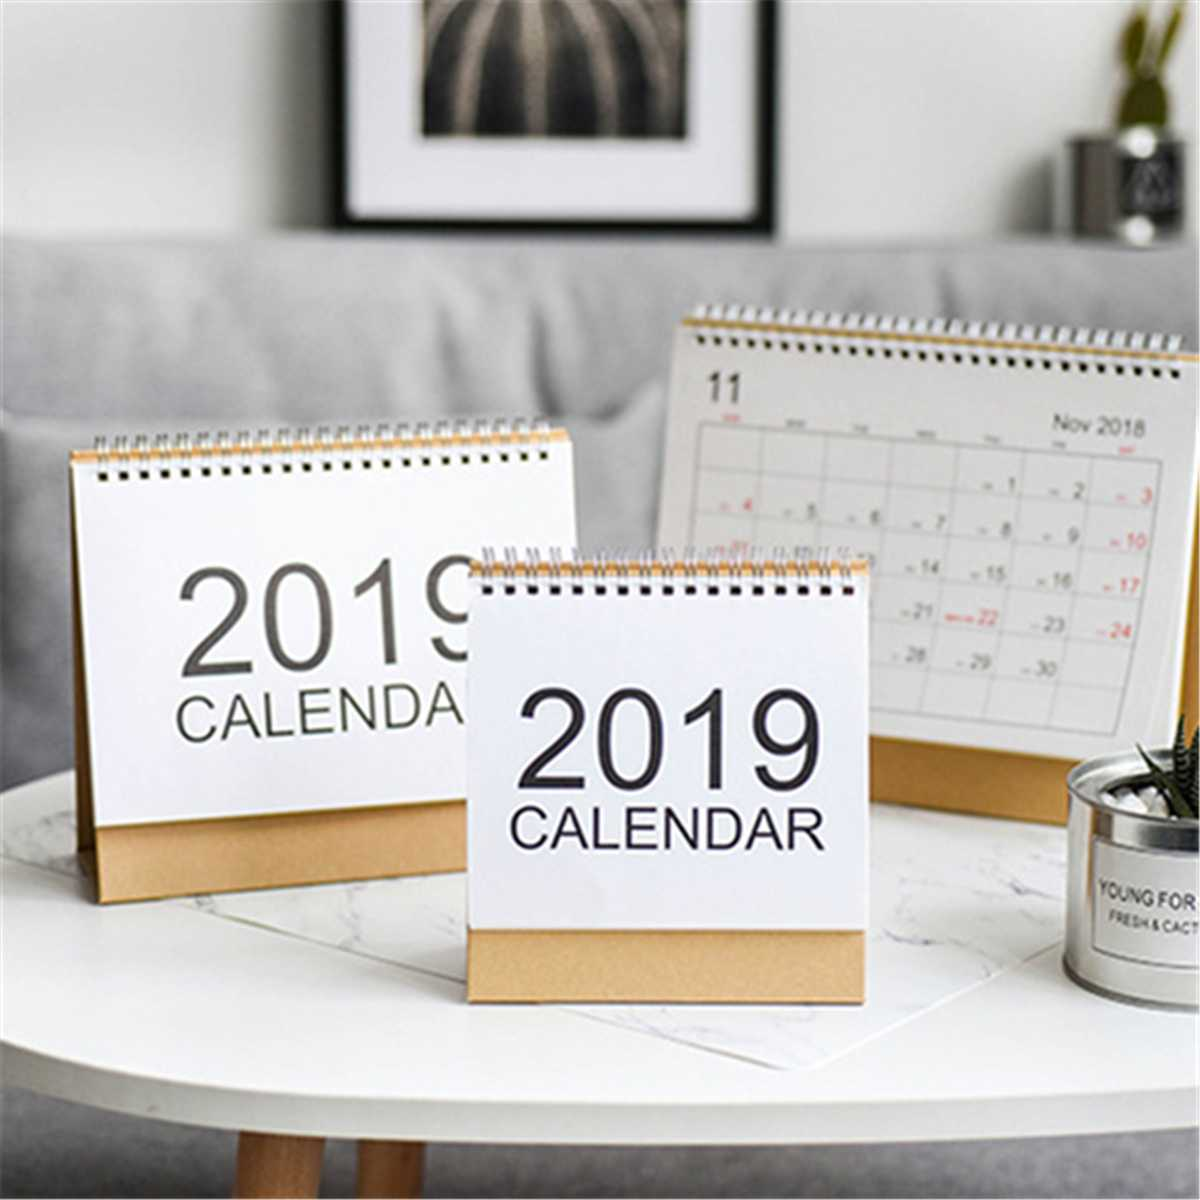 Kicute 2018 Jahr Schwarz Weiß Stil Luminous Kalender Schreibtisch Stehenden Papier Multifunktions Organizer Schedule Planer Memo Kalender Kalender, Planer Und Karten